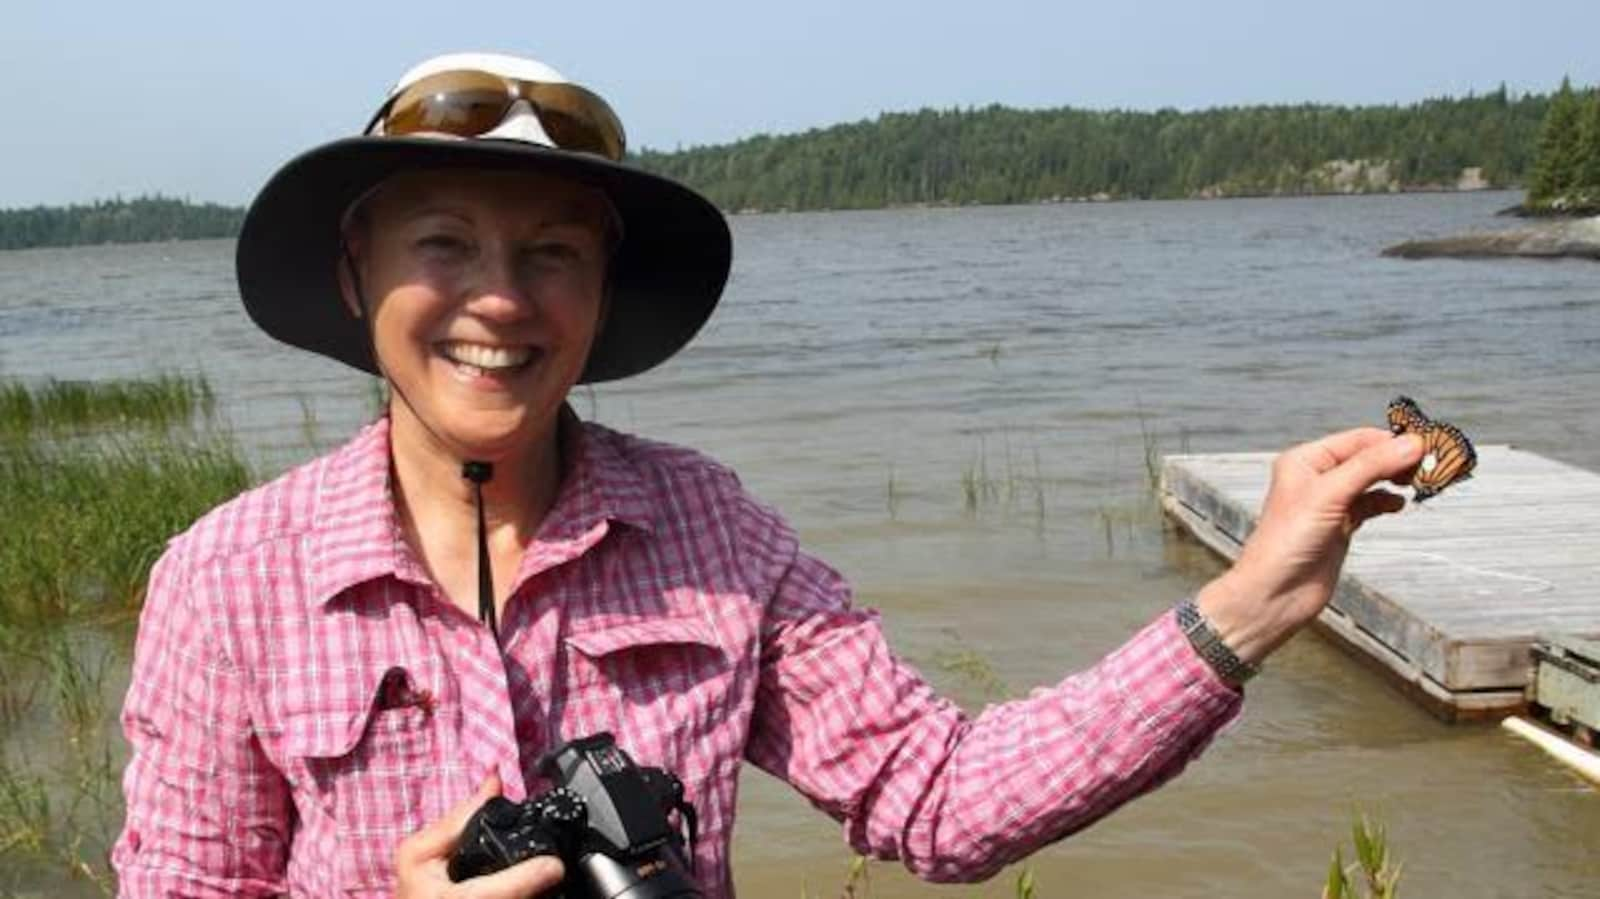 Une femme tenant un monarque devant un lac.